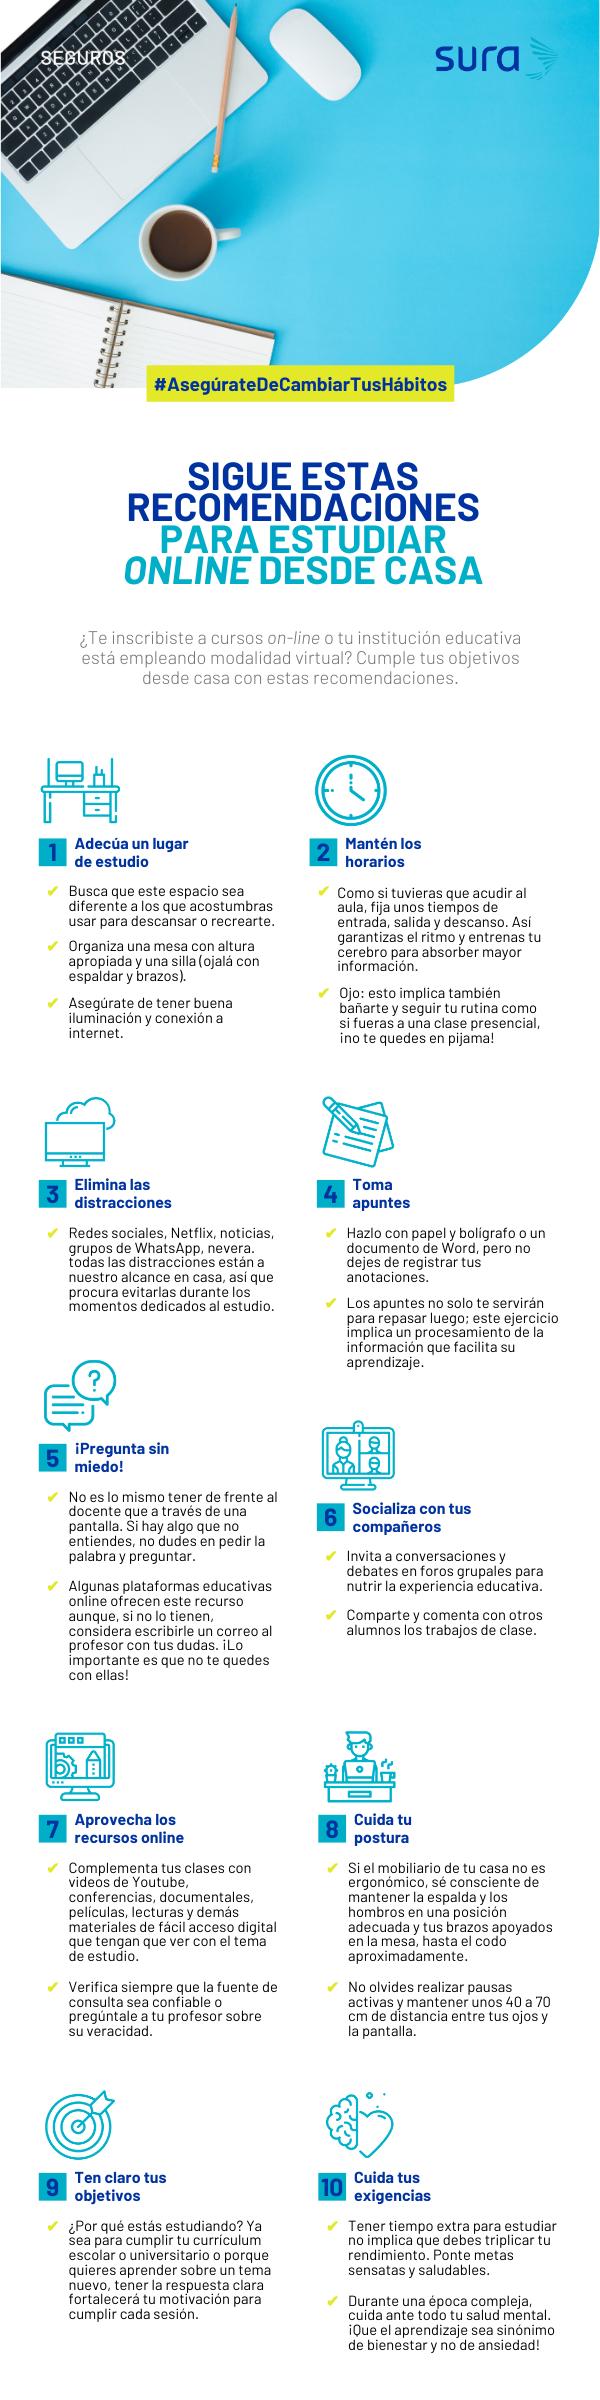 Infografía - Recomendaciones estudiar online